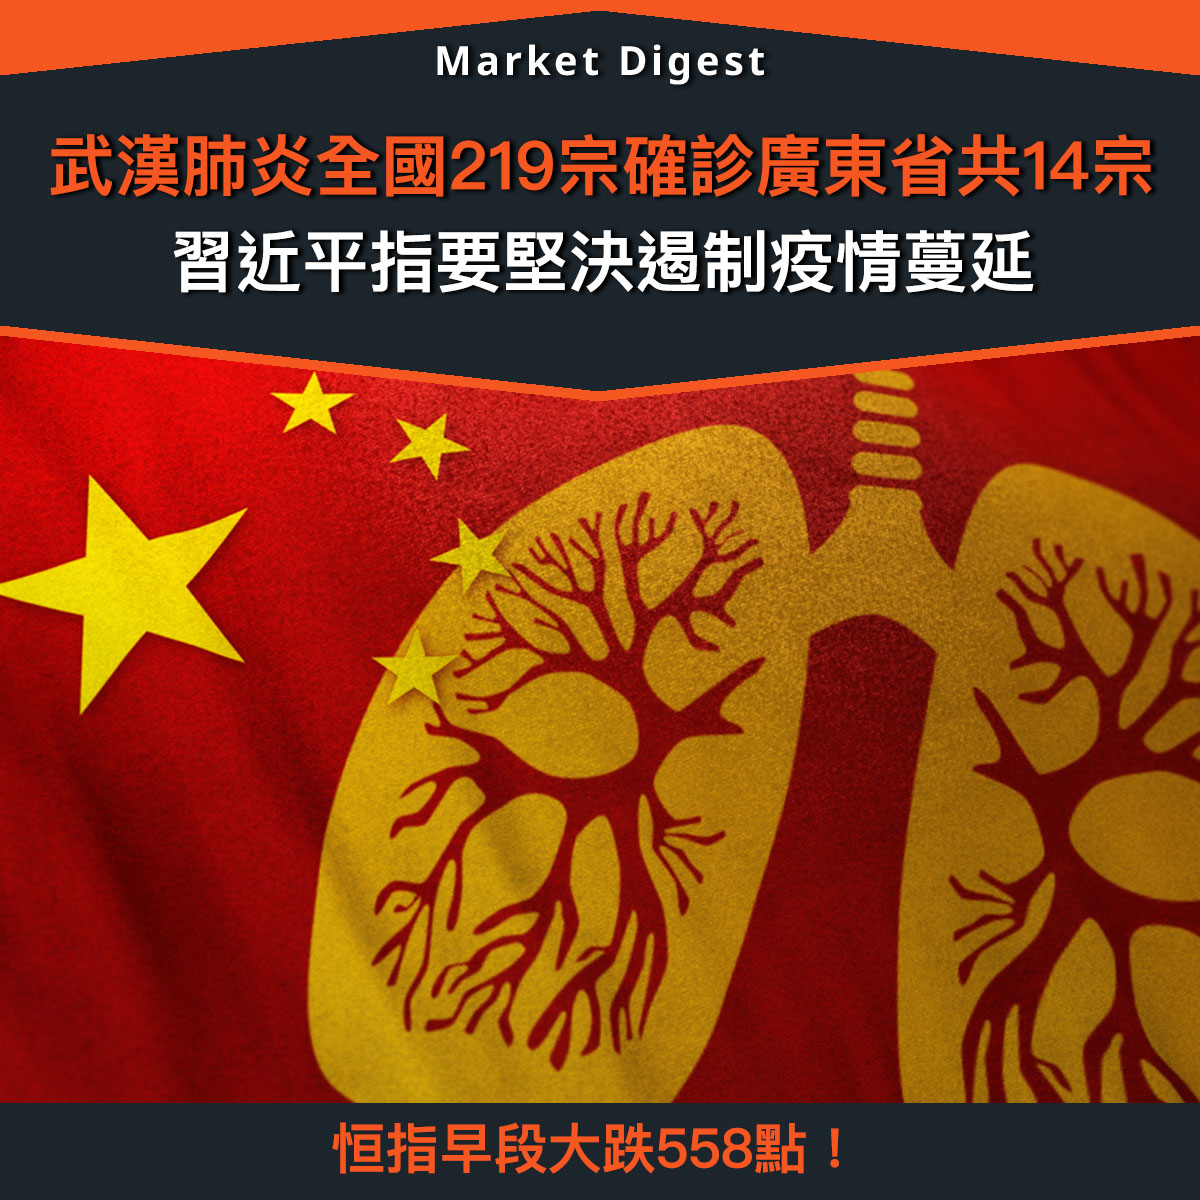 【市場熱話】武漢肺炎全國219宗確診,習近平指要堅決遏制疫情蔓延